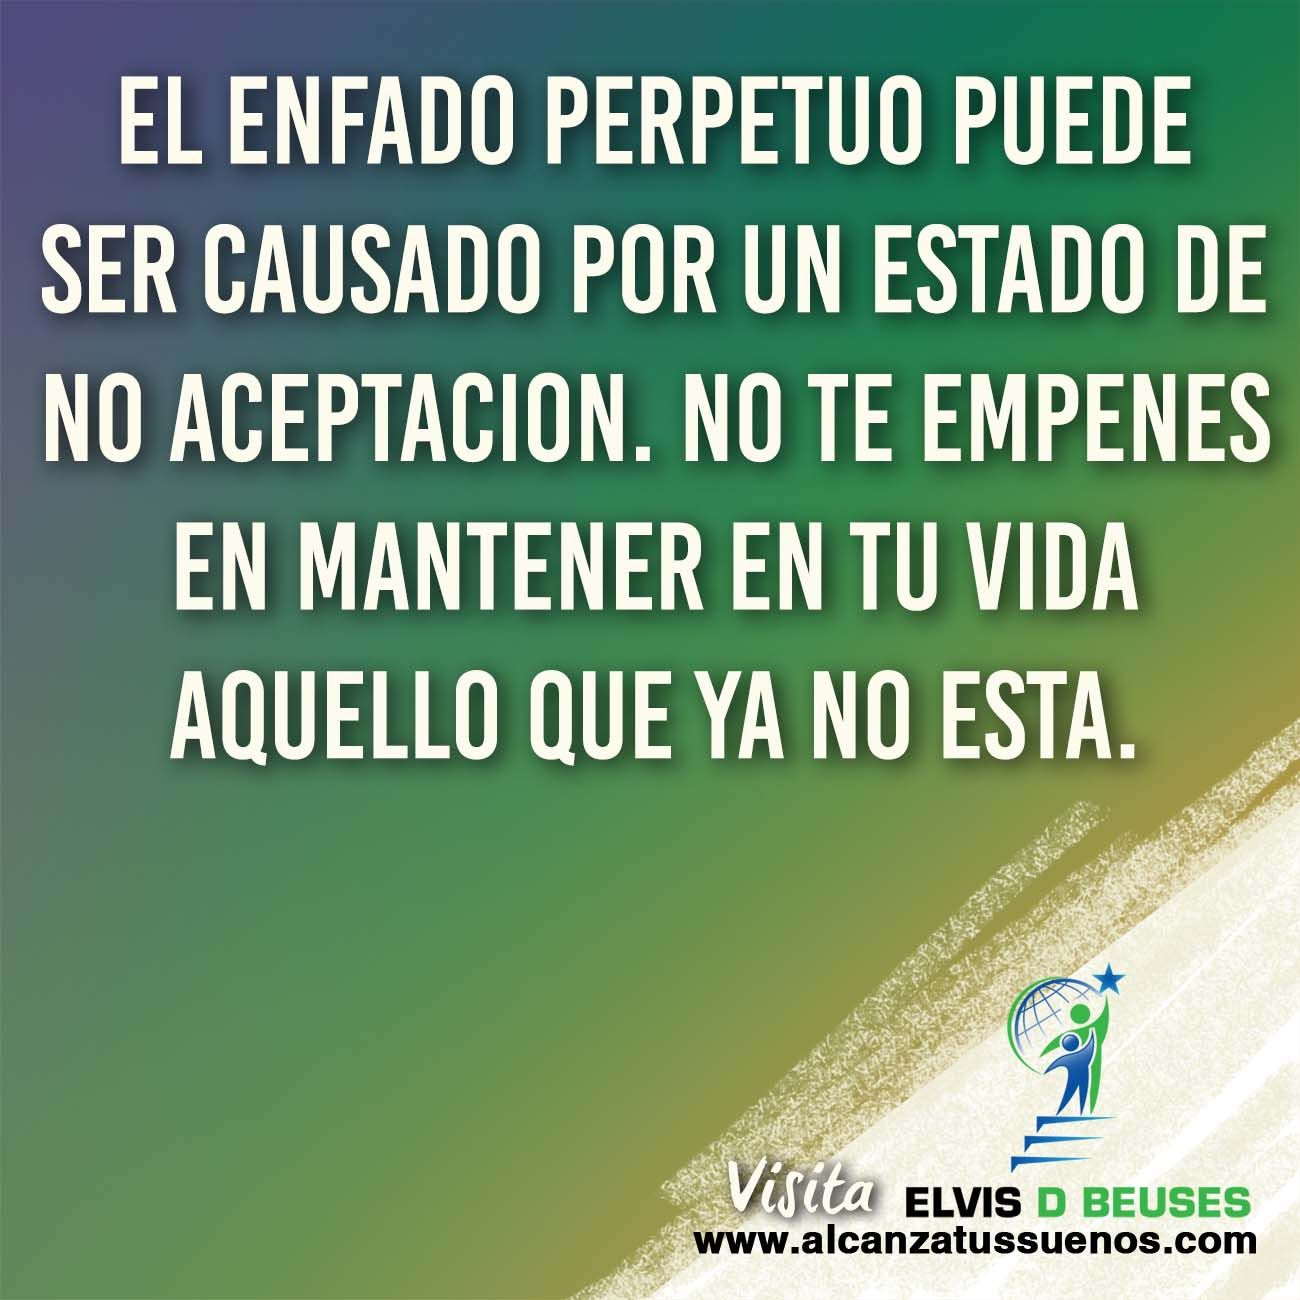 Visita http://www.alcanzatussuenos.com     #sisepuede #actitud #esperanza…